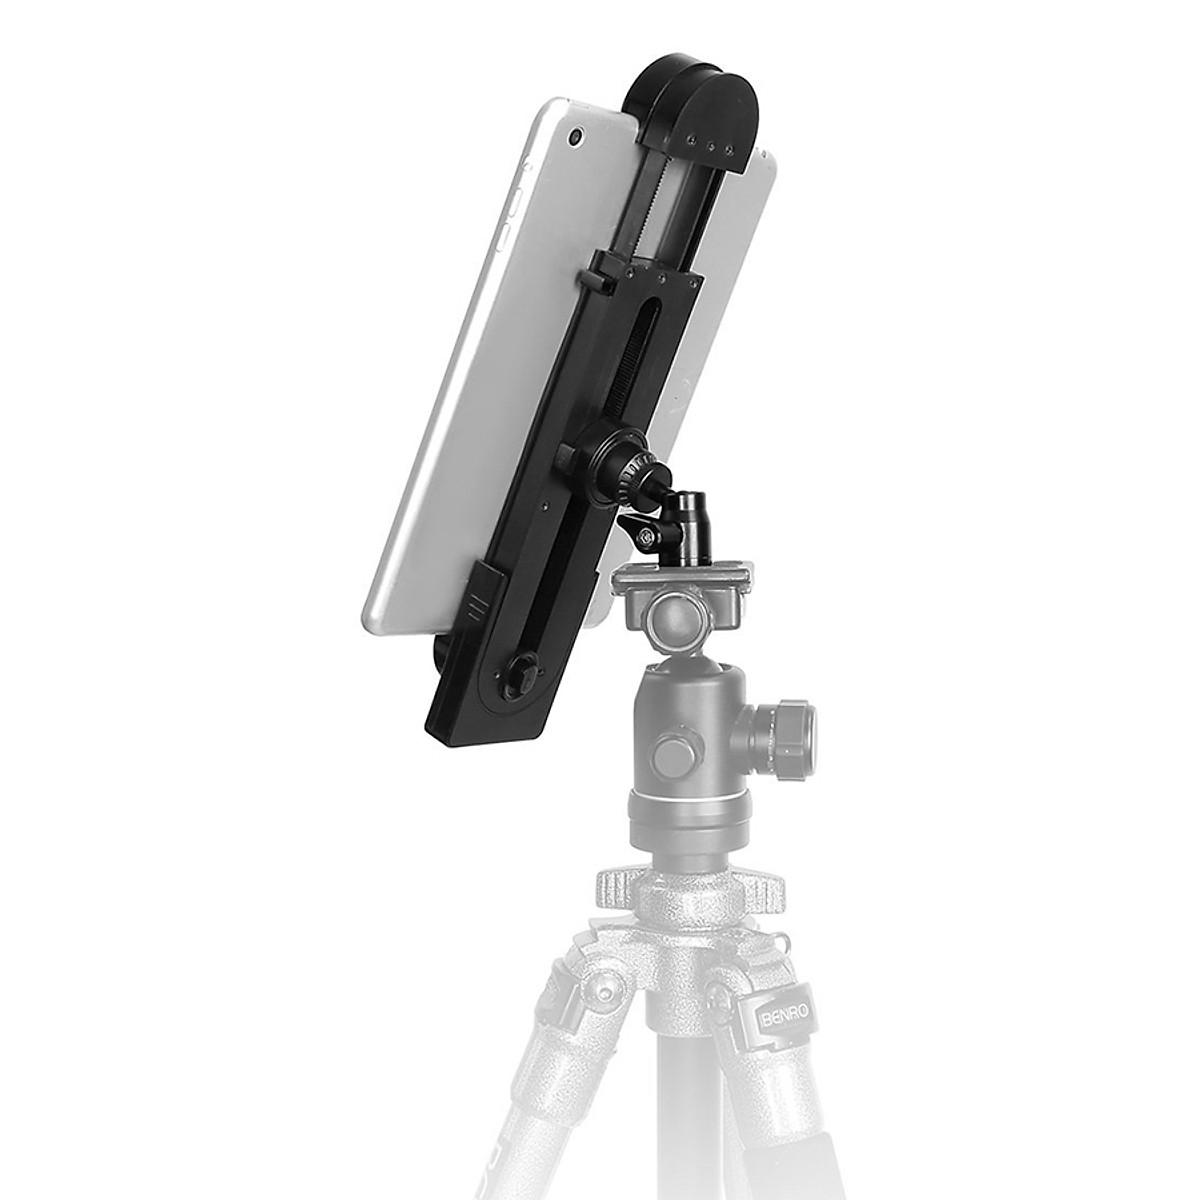 Gá Kẹp Ipad Ulanzi Pad Tripod Mount Adapter